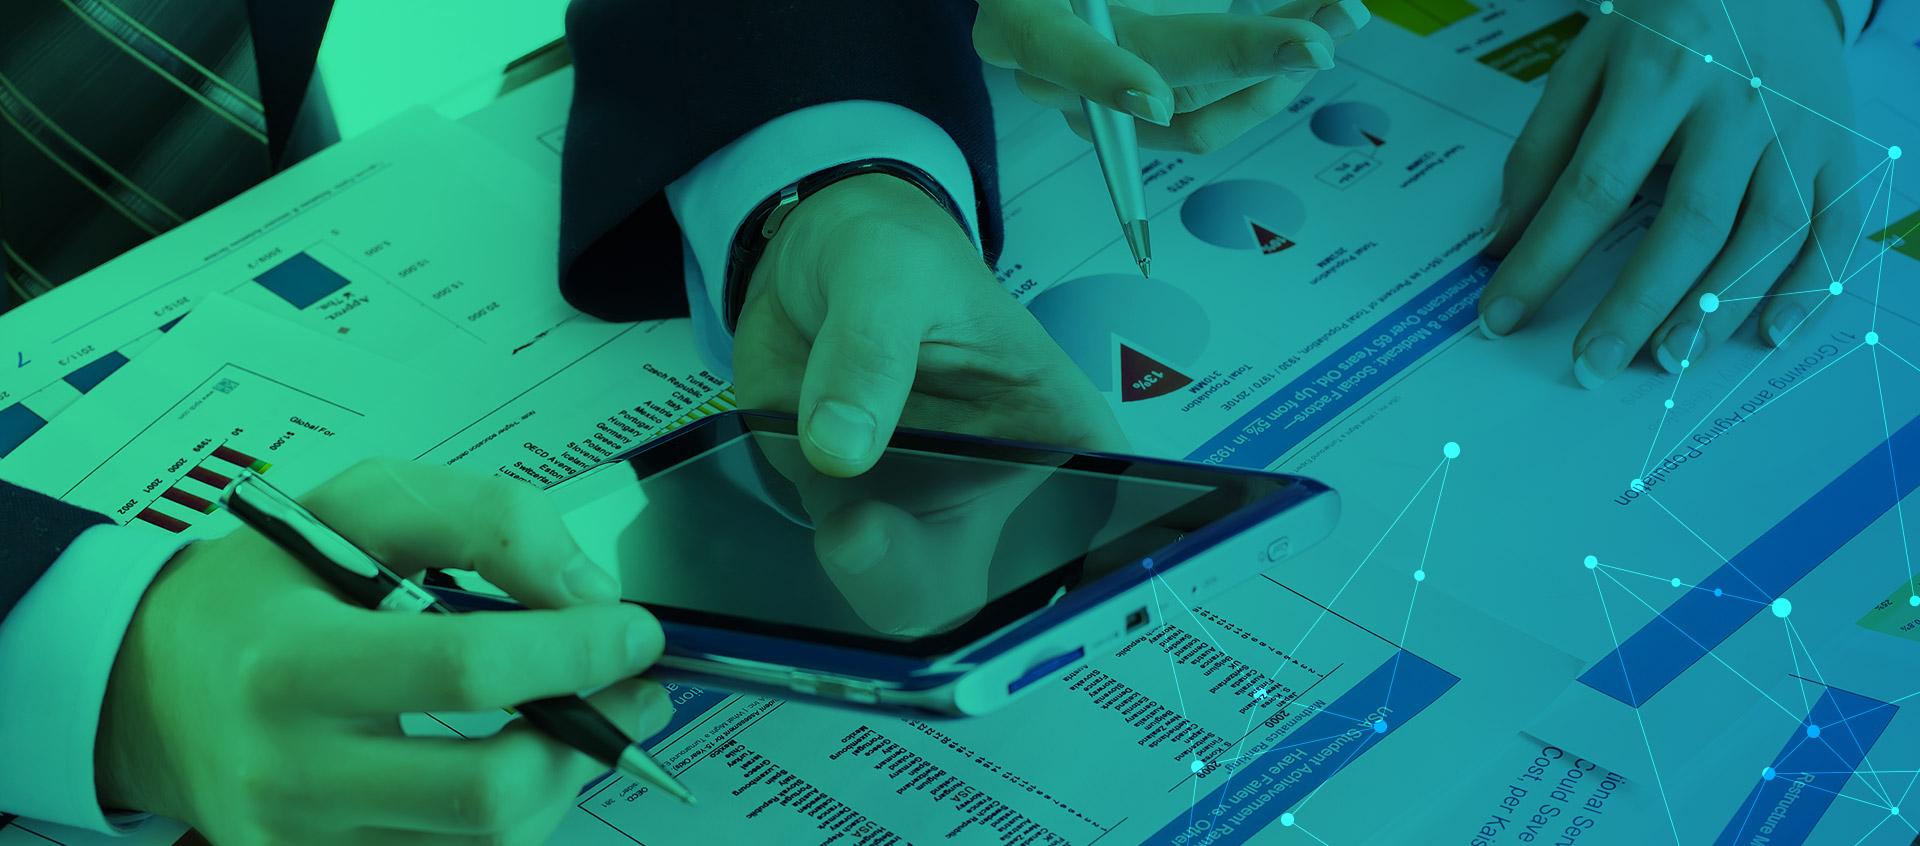 Software de gestão orçamental e financeira